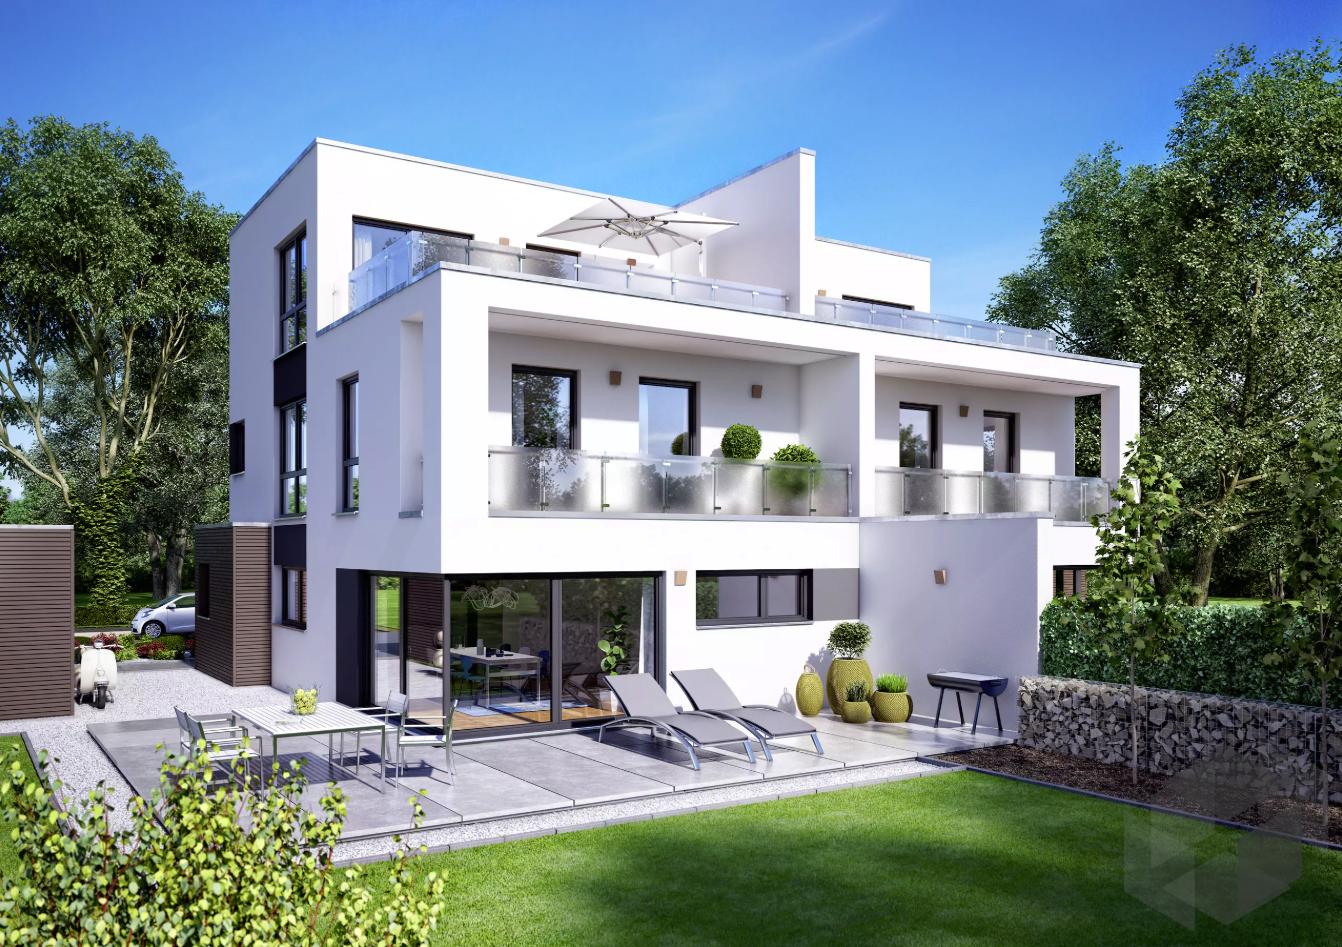 """Doppelhaus """"Gemello FD 280"""" mit 3 Etagen von Büdenbender"""